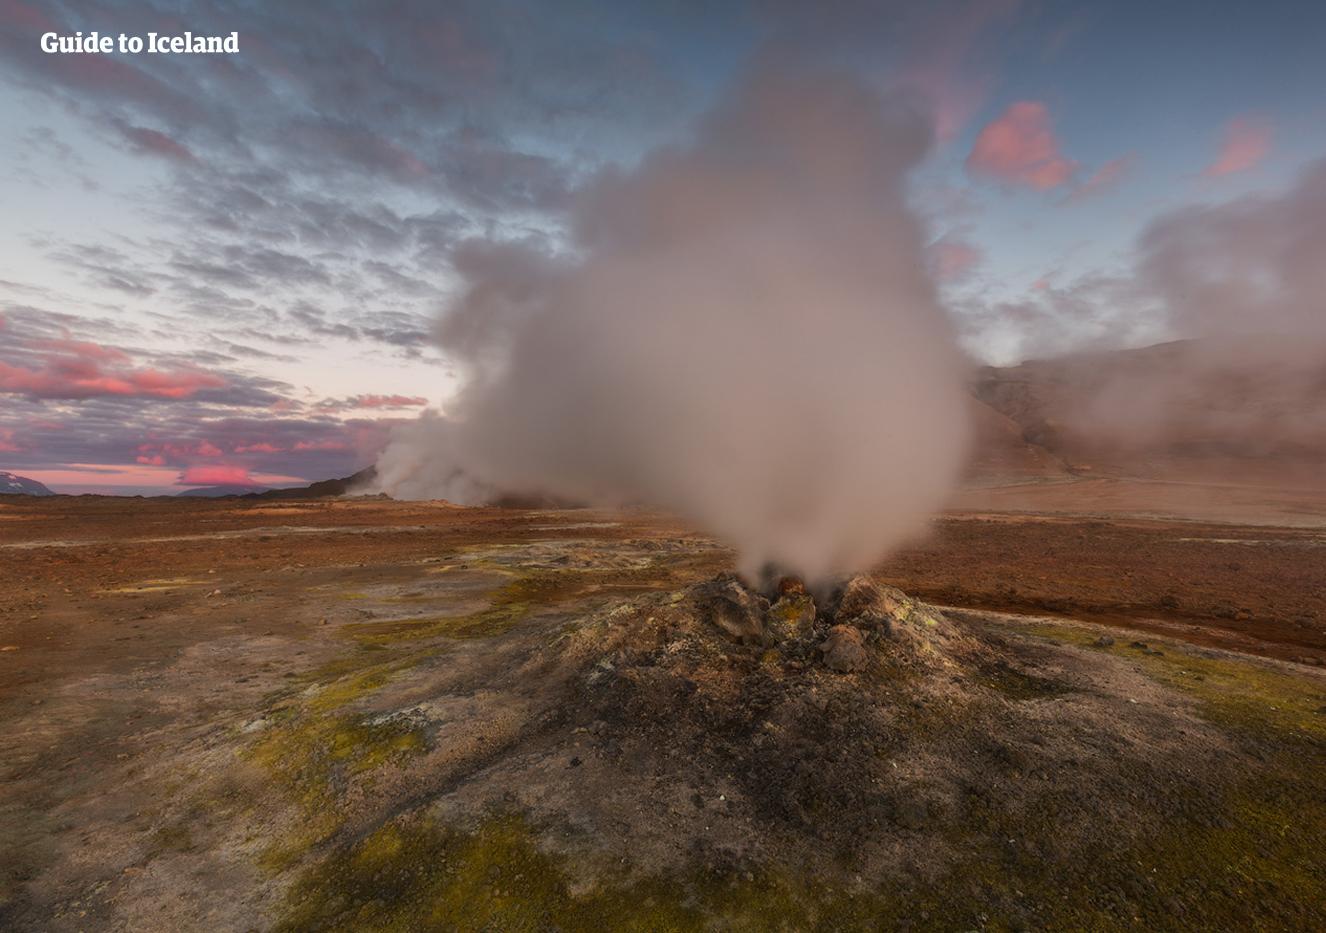 Het geothermische gebied bij het meer Mývatn is bezaaid met borrelende modderpotten en fumarolen